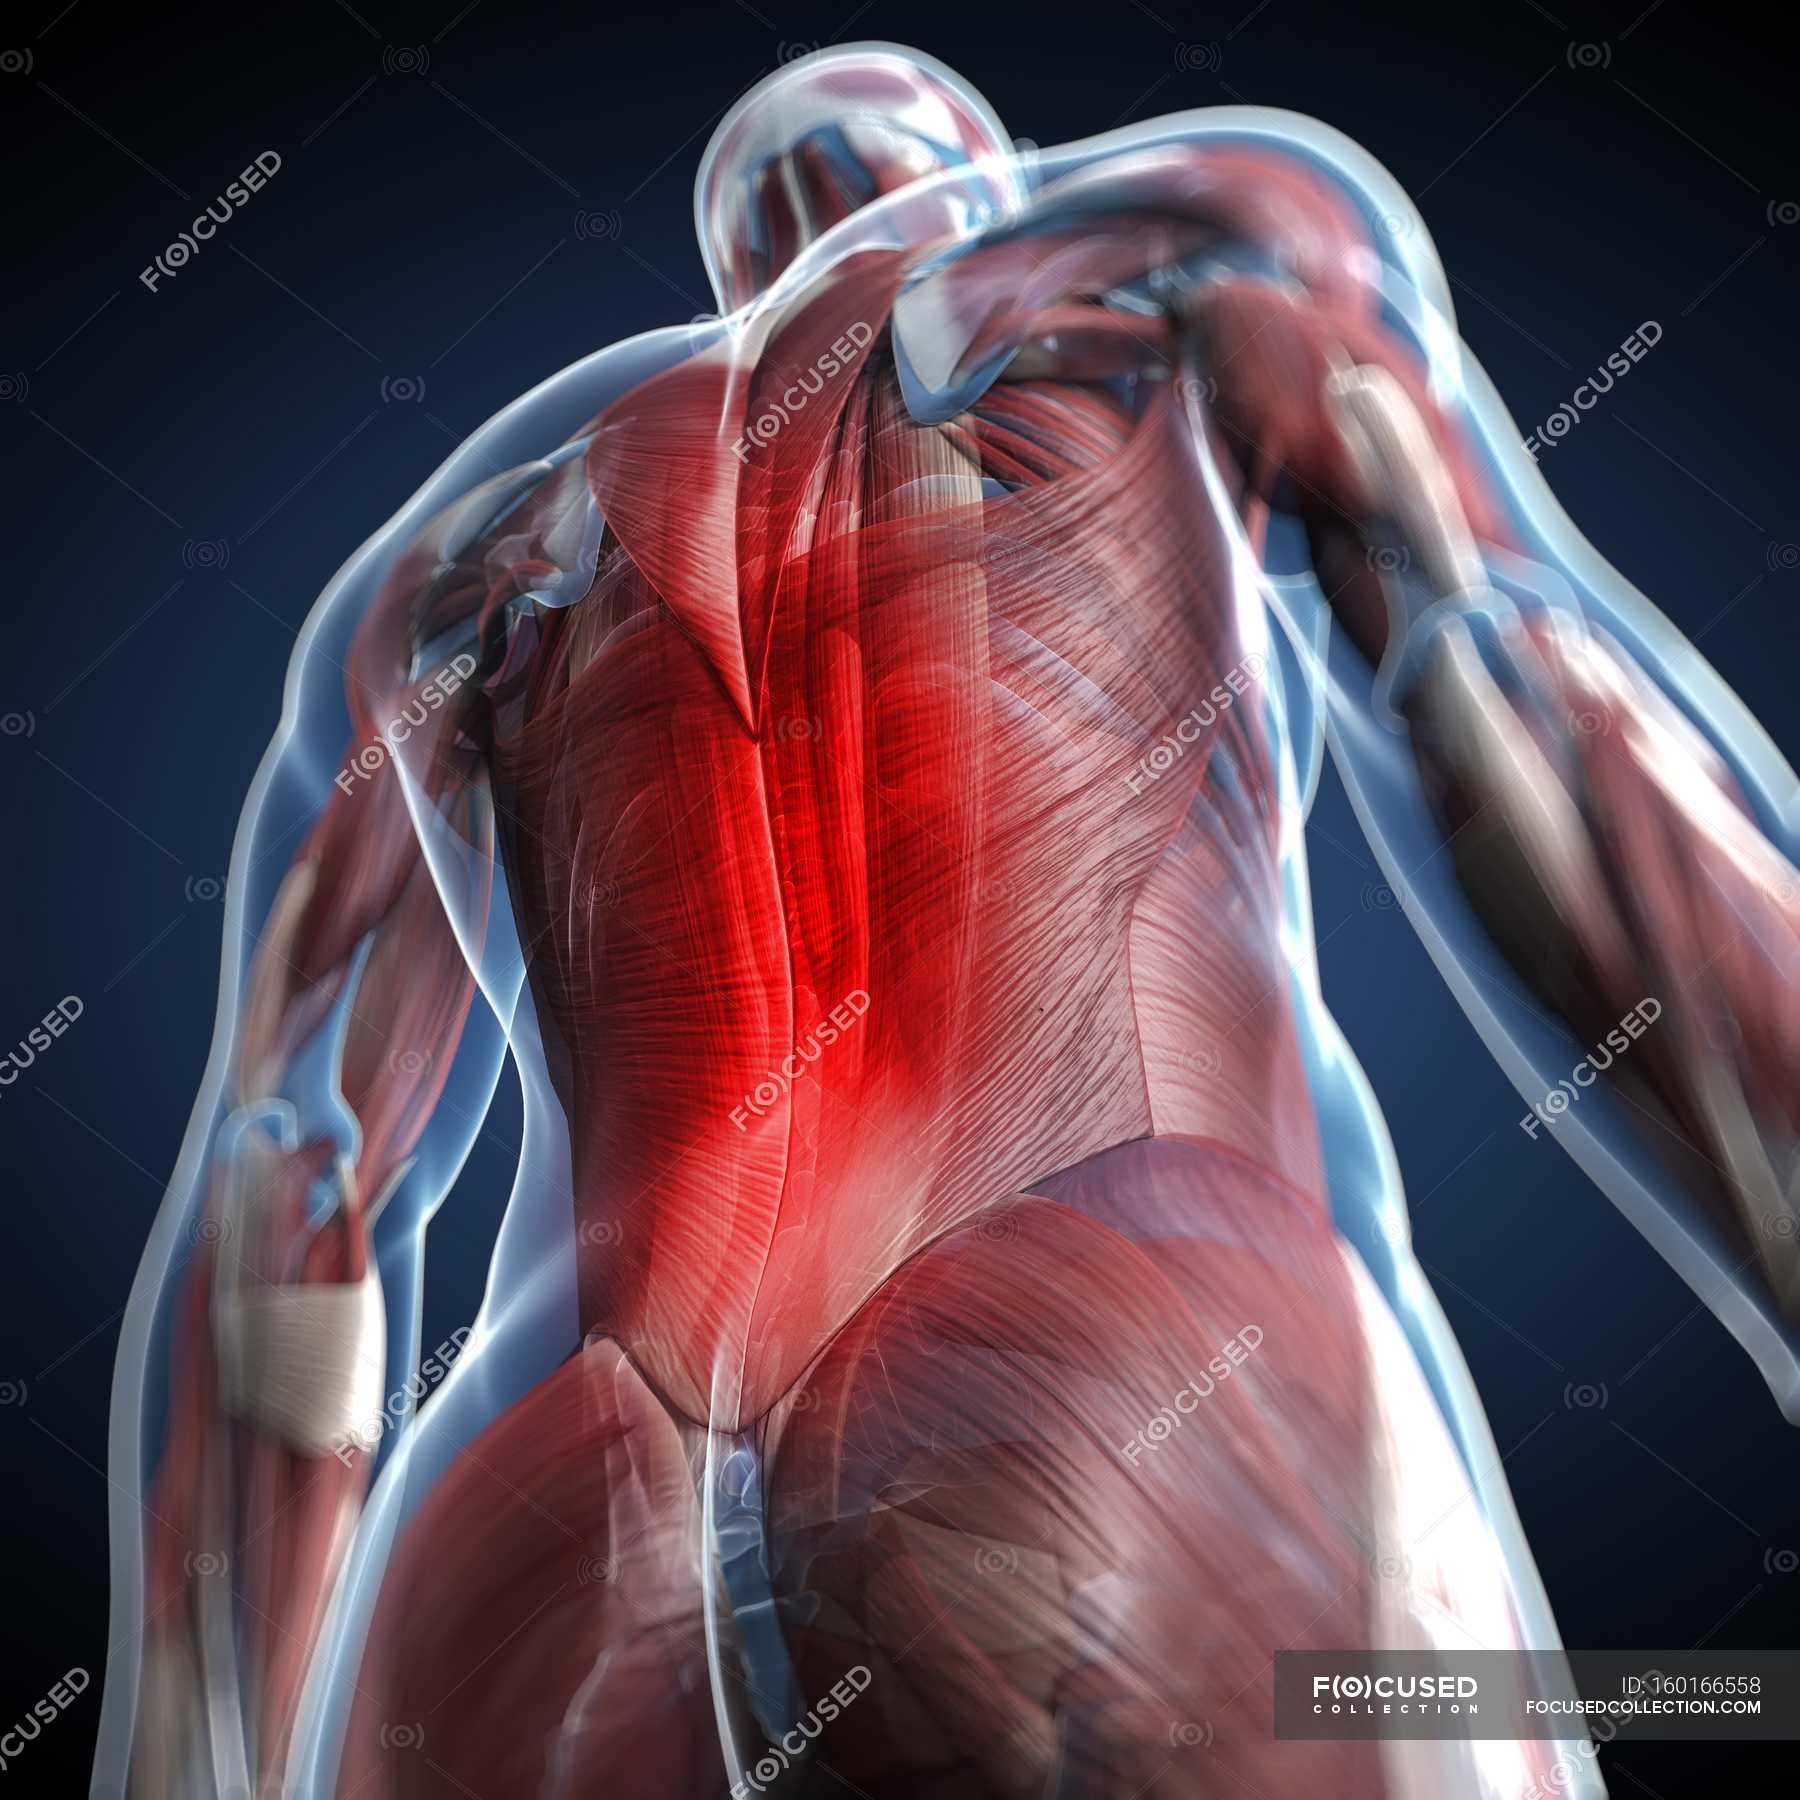 Visuelle Rendern von Rückenschmerzen — Stockfoto   #160166558